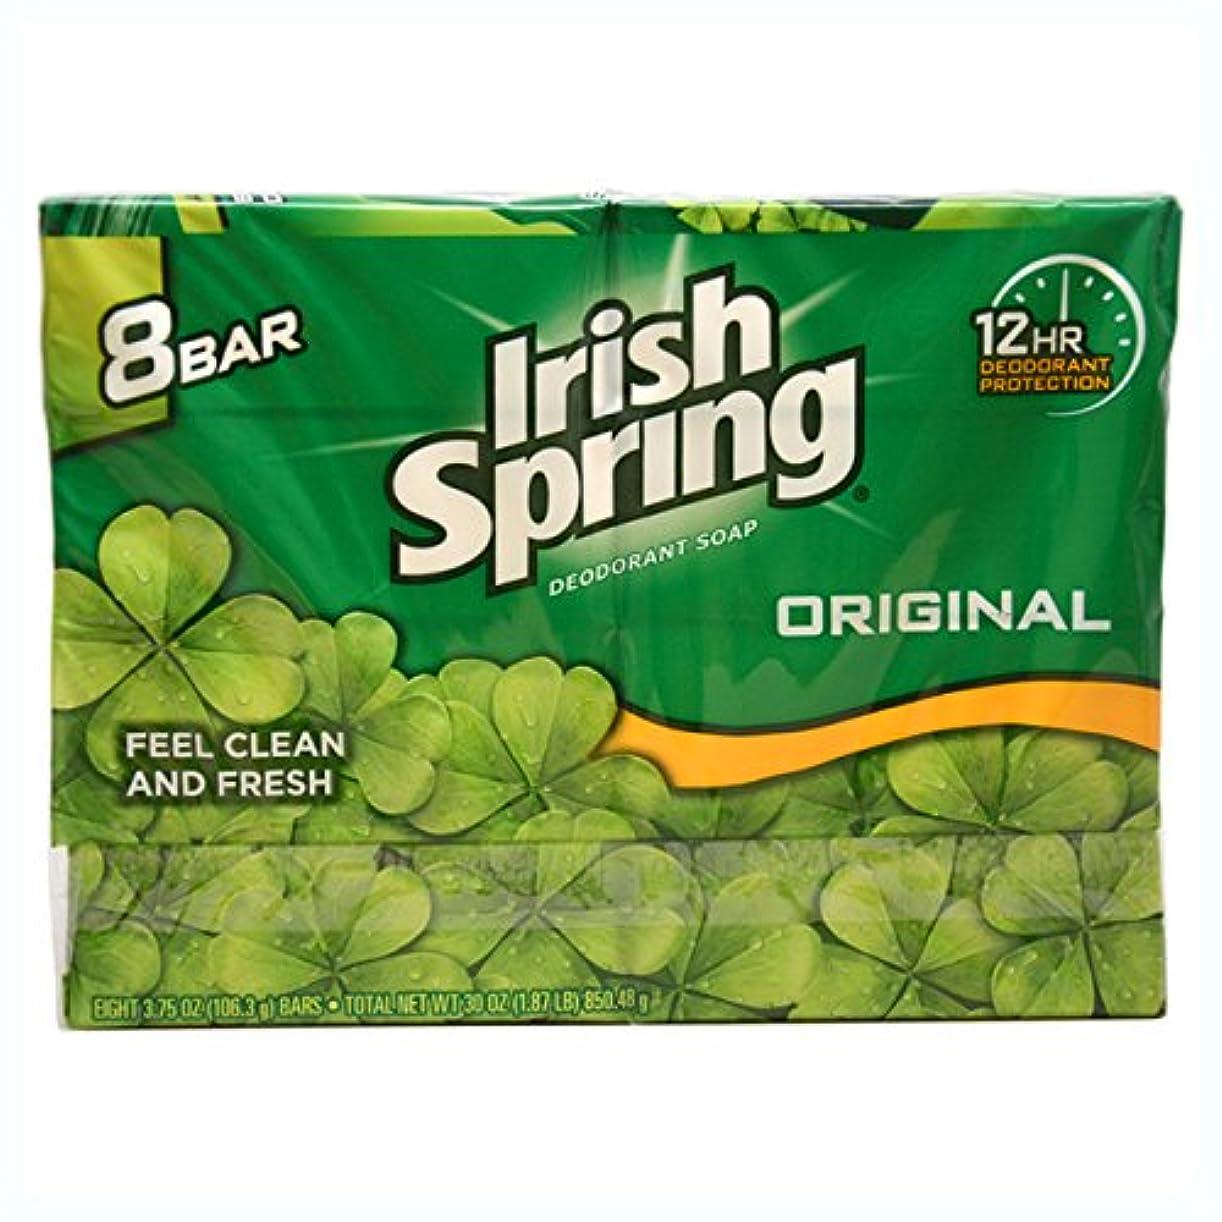 ラインナップメロドラマ美的Irish Spring デオドラントソープオリジナル - 8のCt